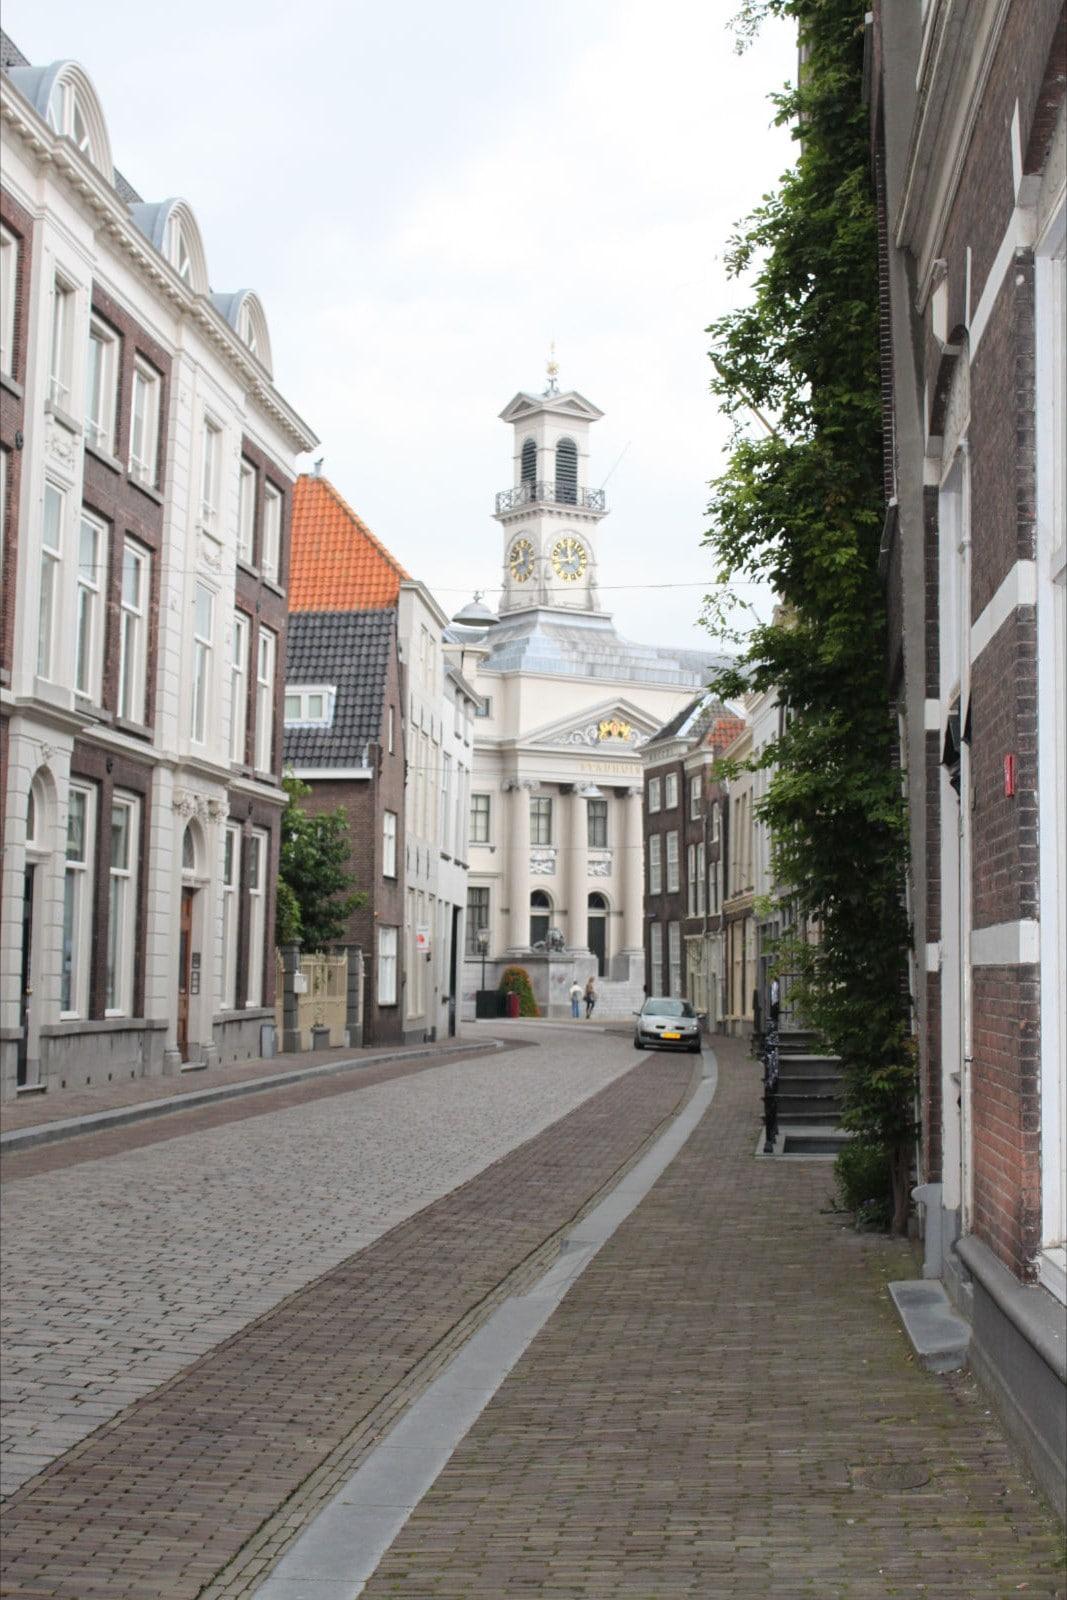 Edward from Dordrecht